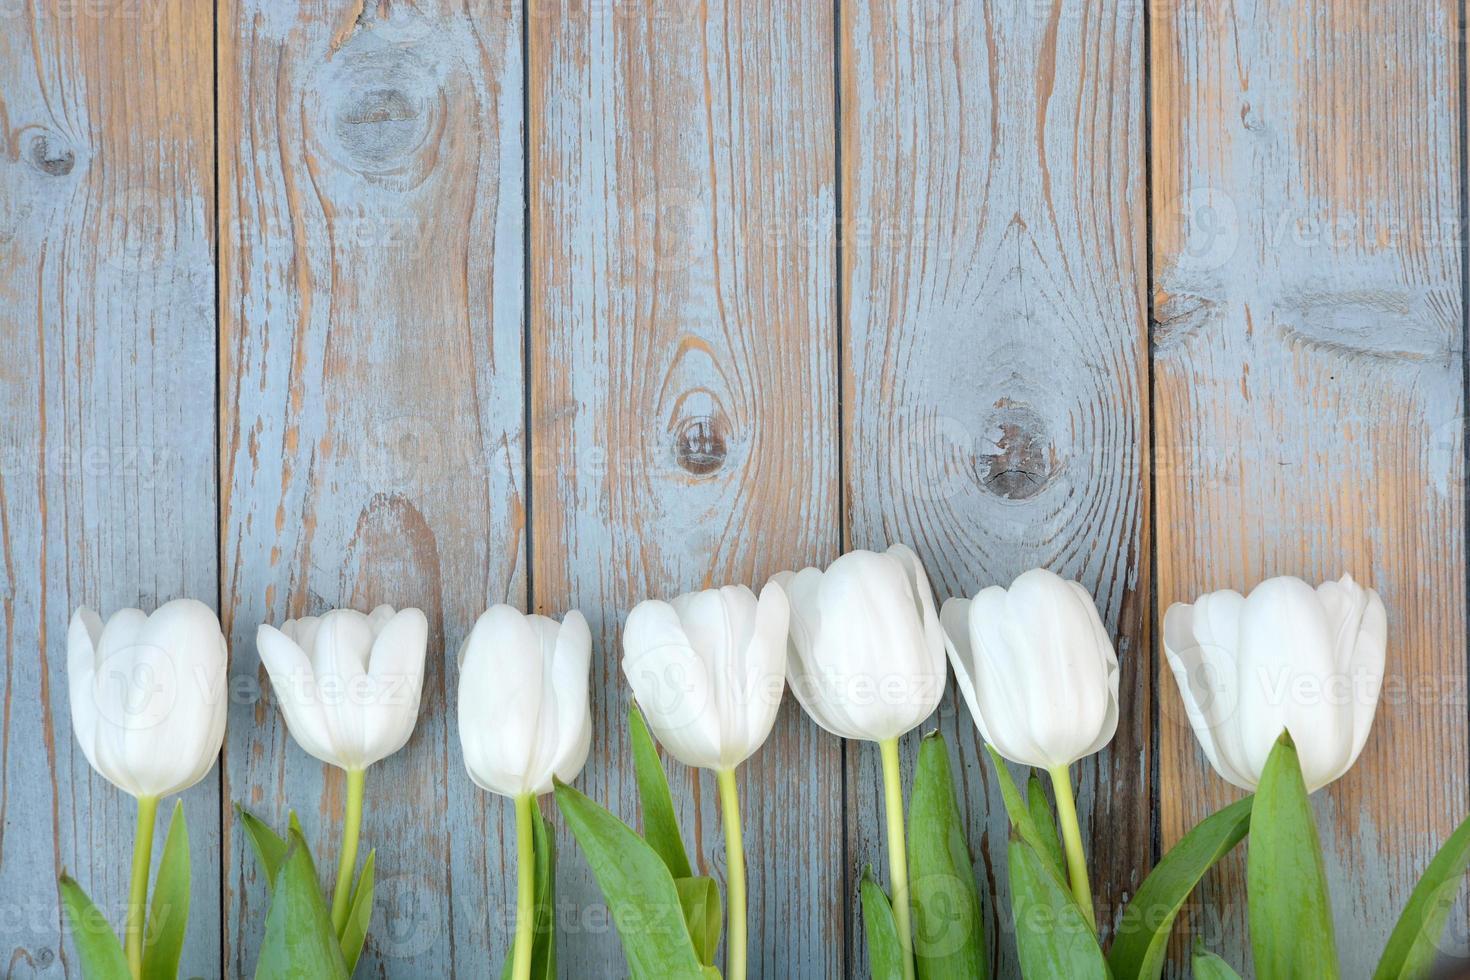 tulipas brancas em fila com um espaço vazio na madeira velha foto